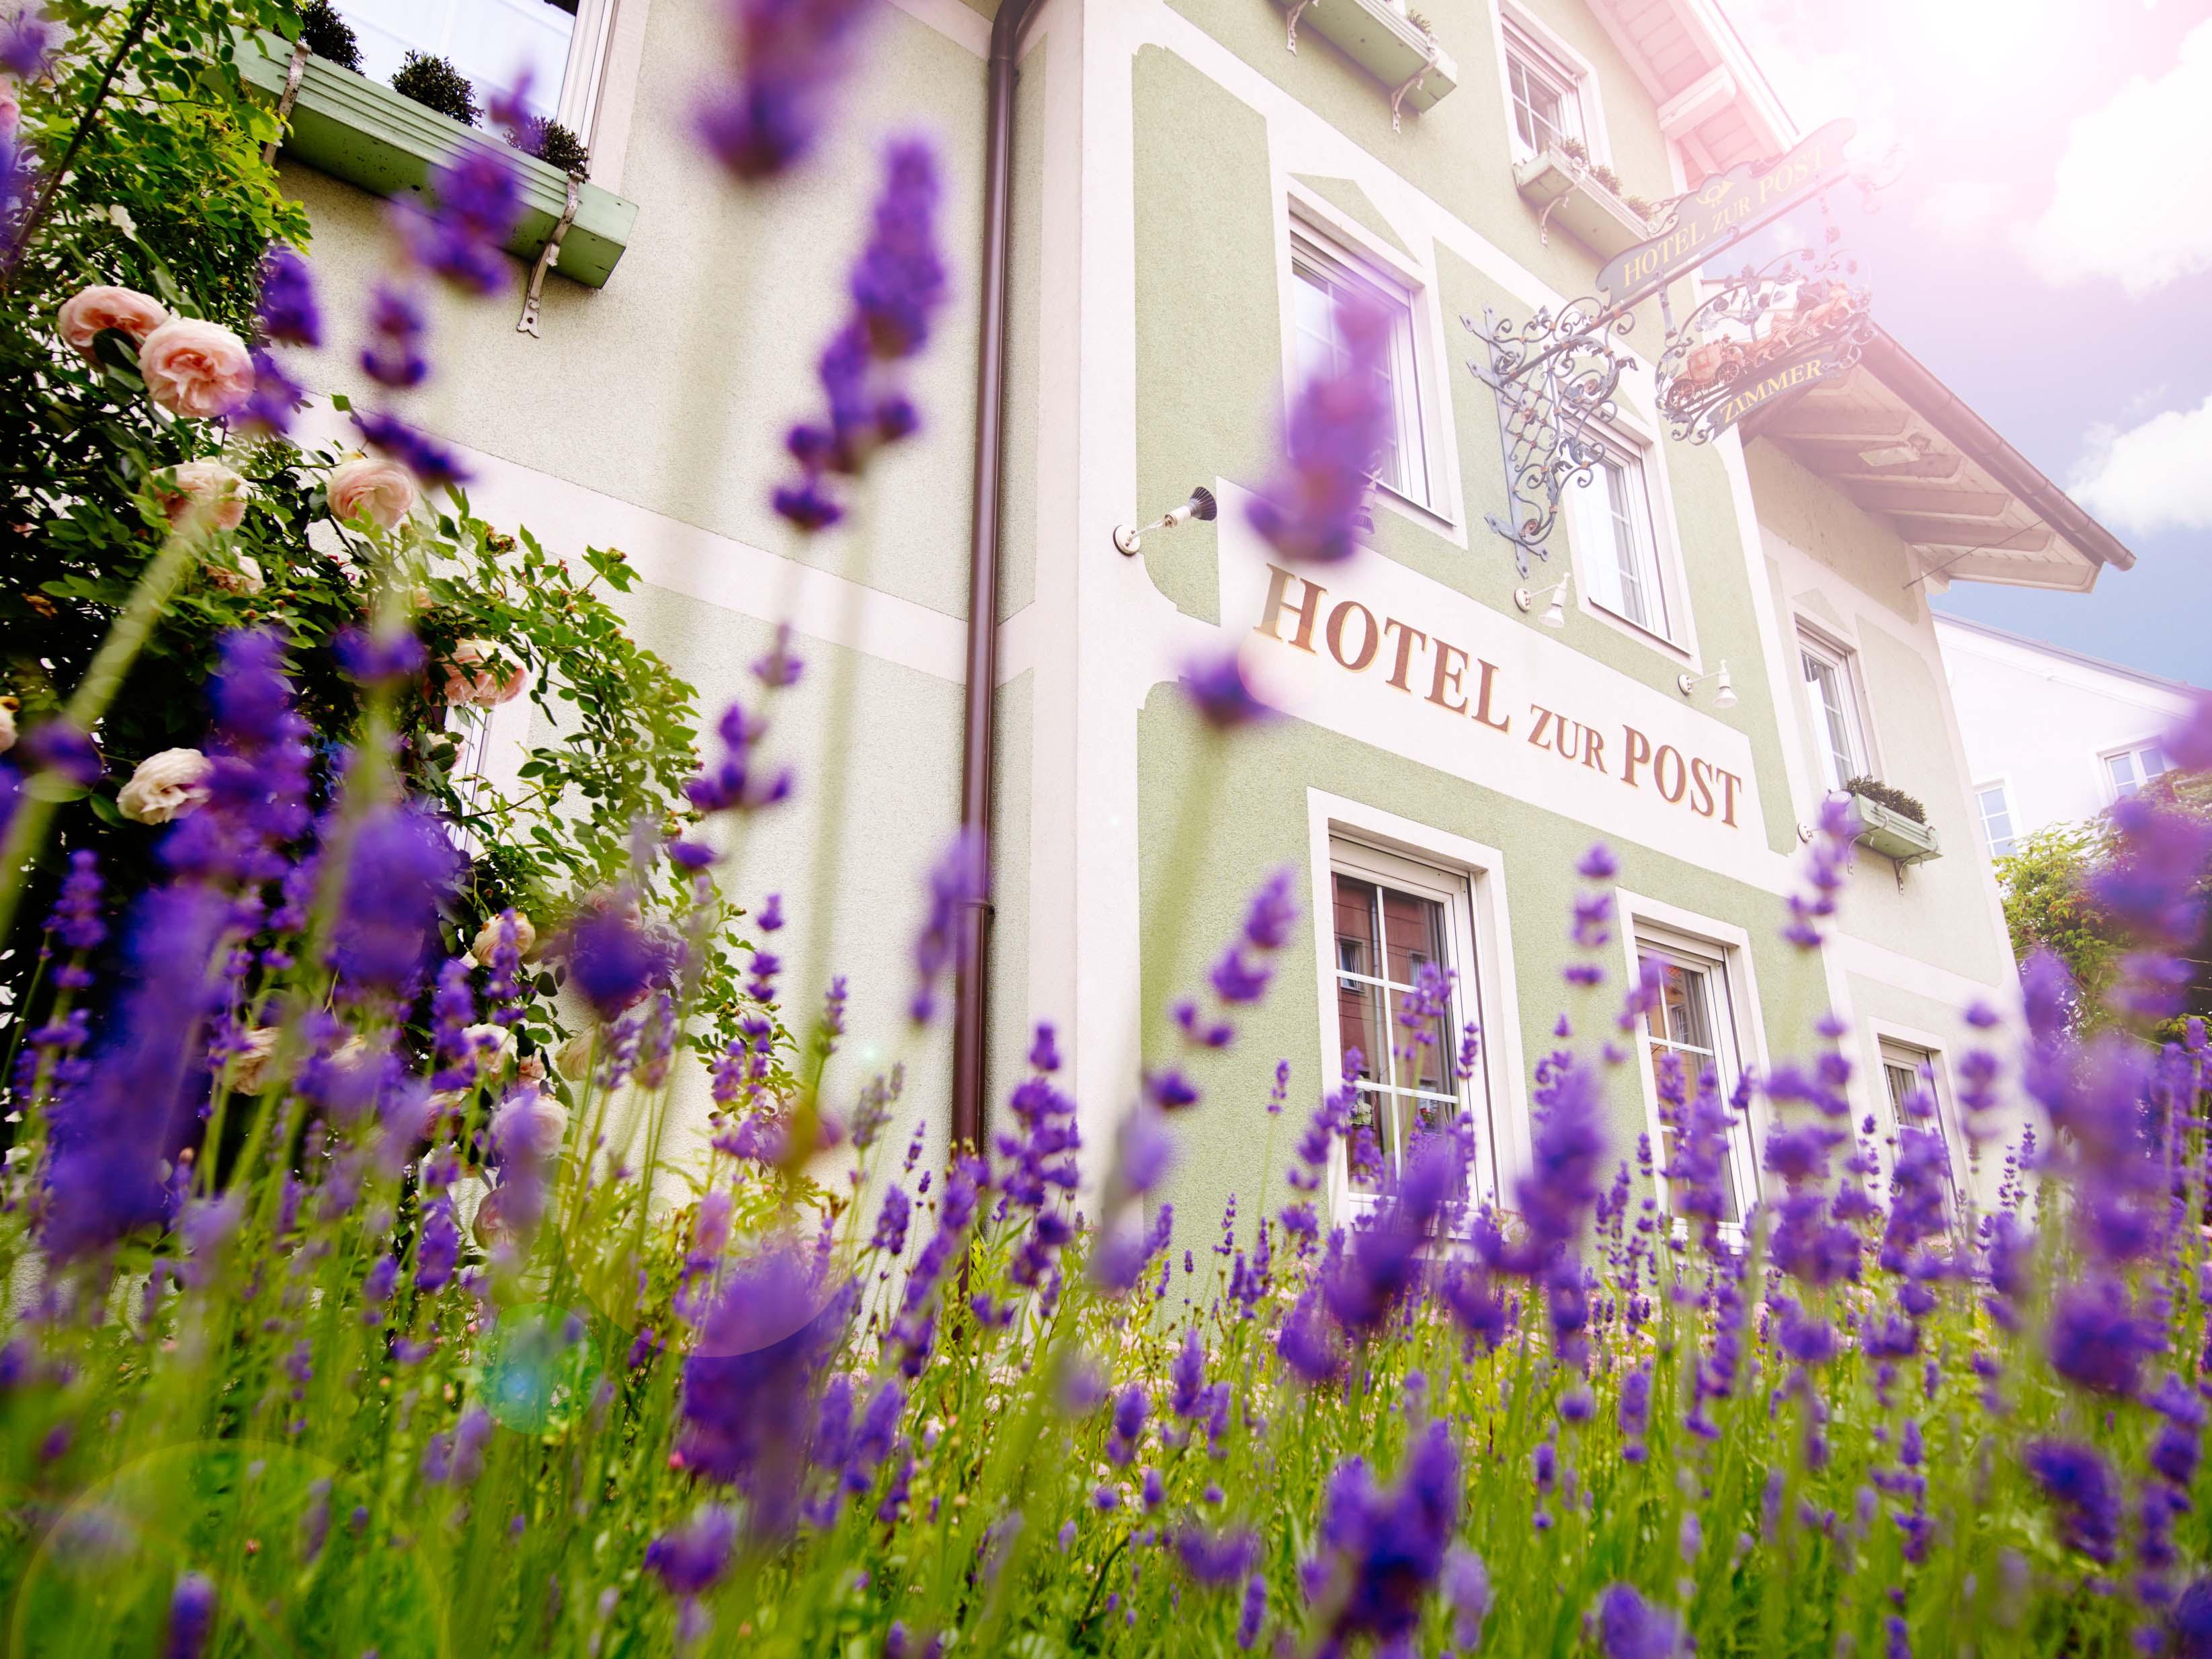 2015_06_08_Hotel_Zur_Post_Salzburg70631-Kopie1